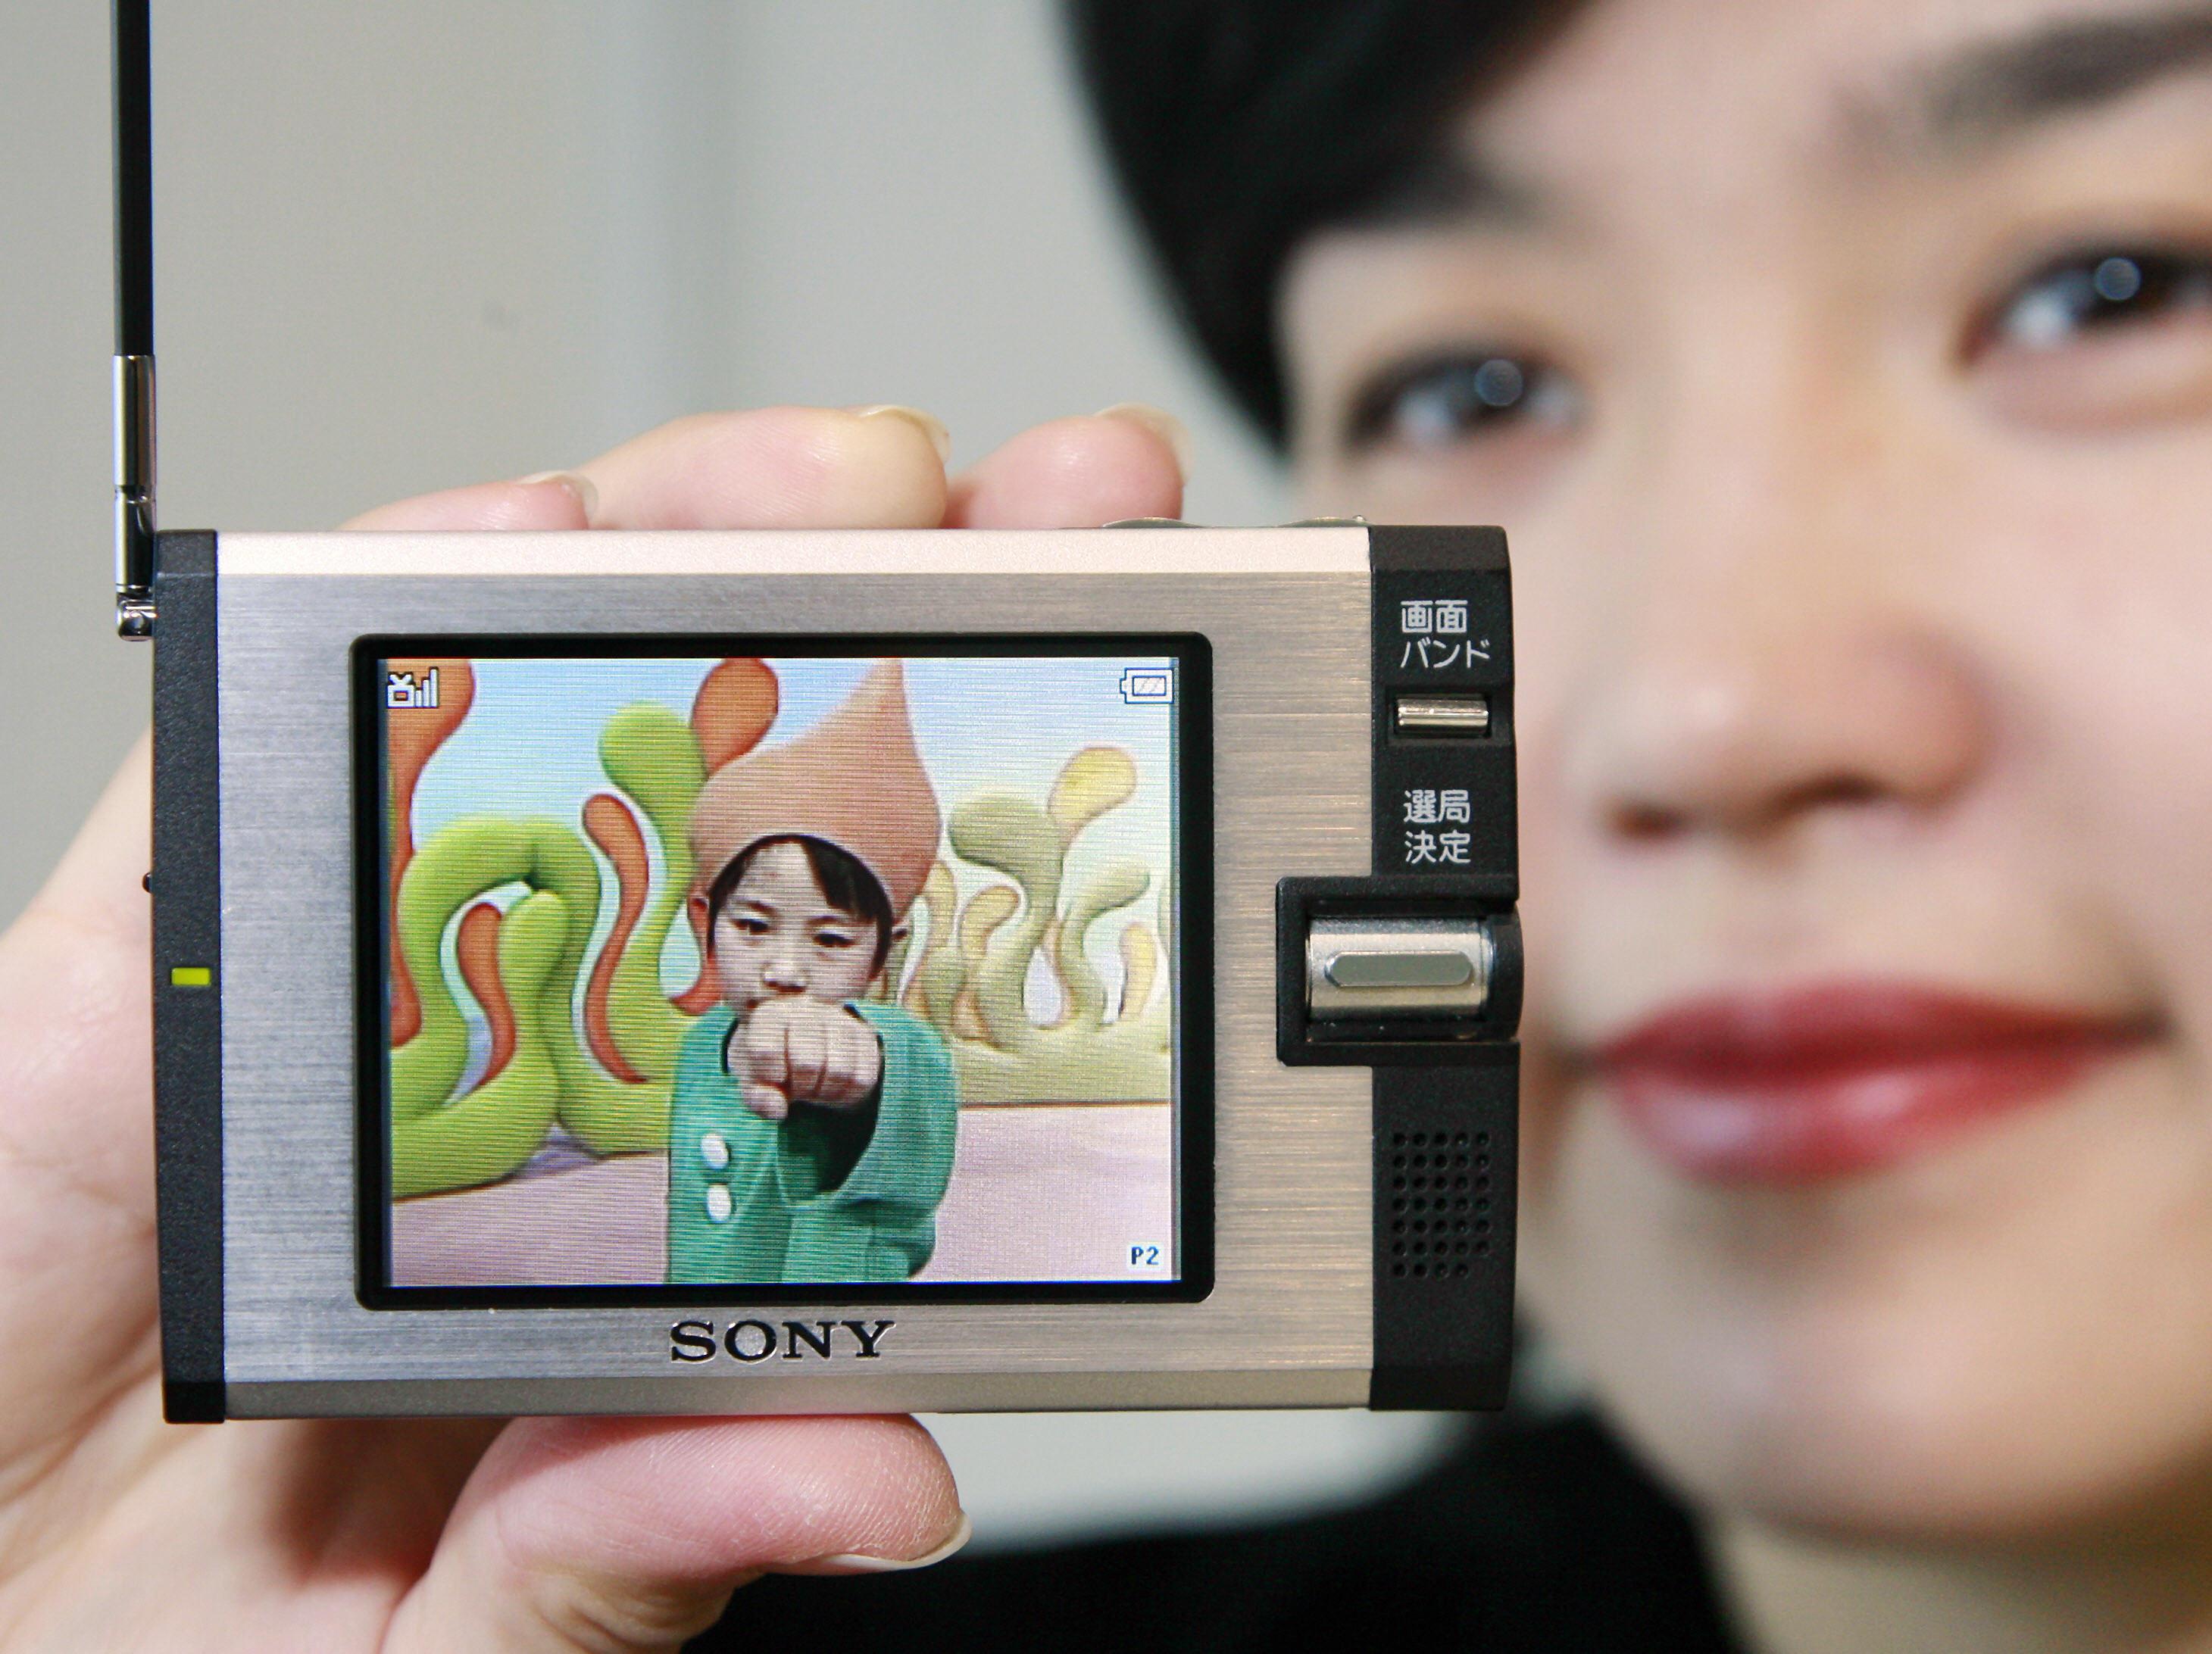 Sony Shows Off Mini Personal TV | POPSUGAR Tech